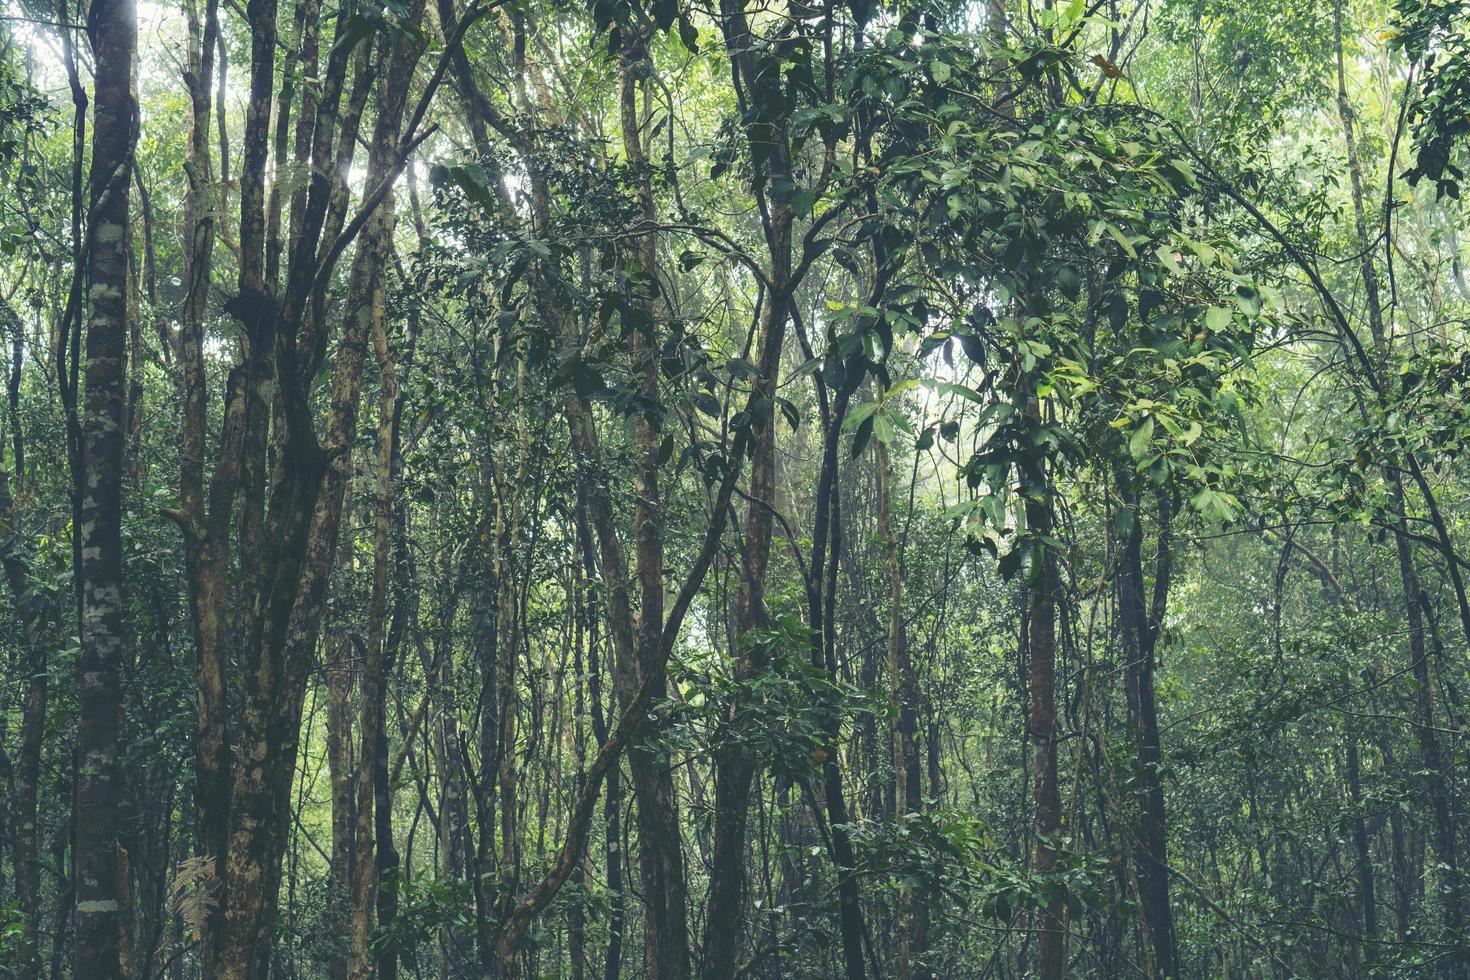 arbres tropicaux dans une forêt photo